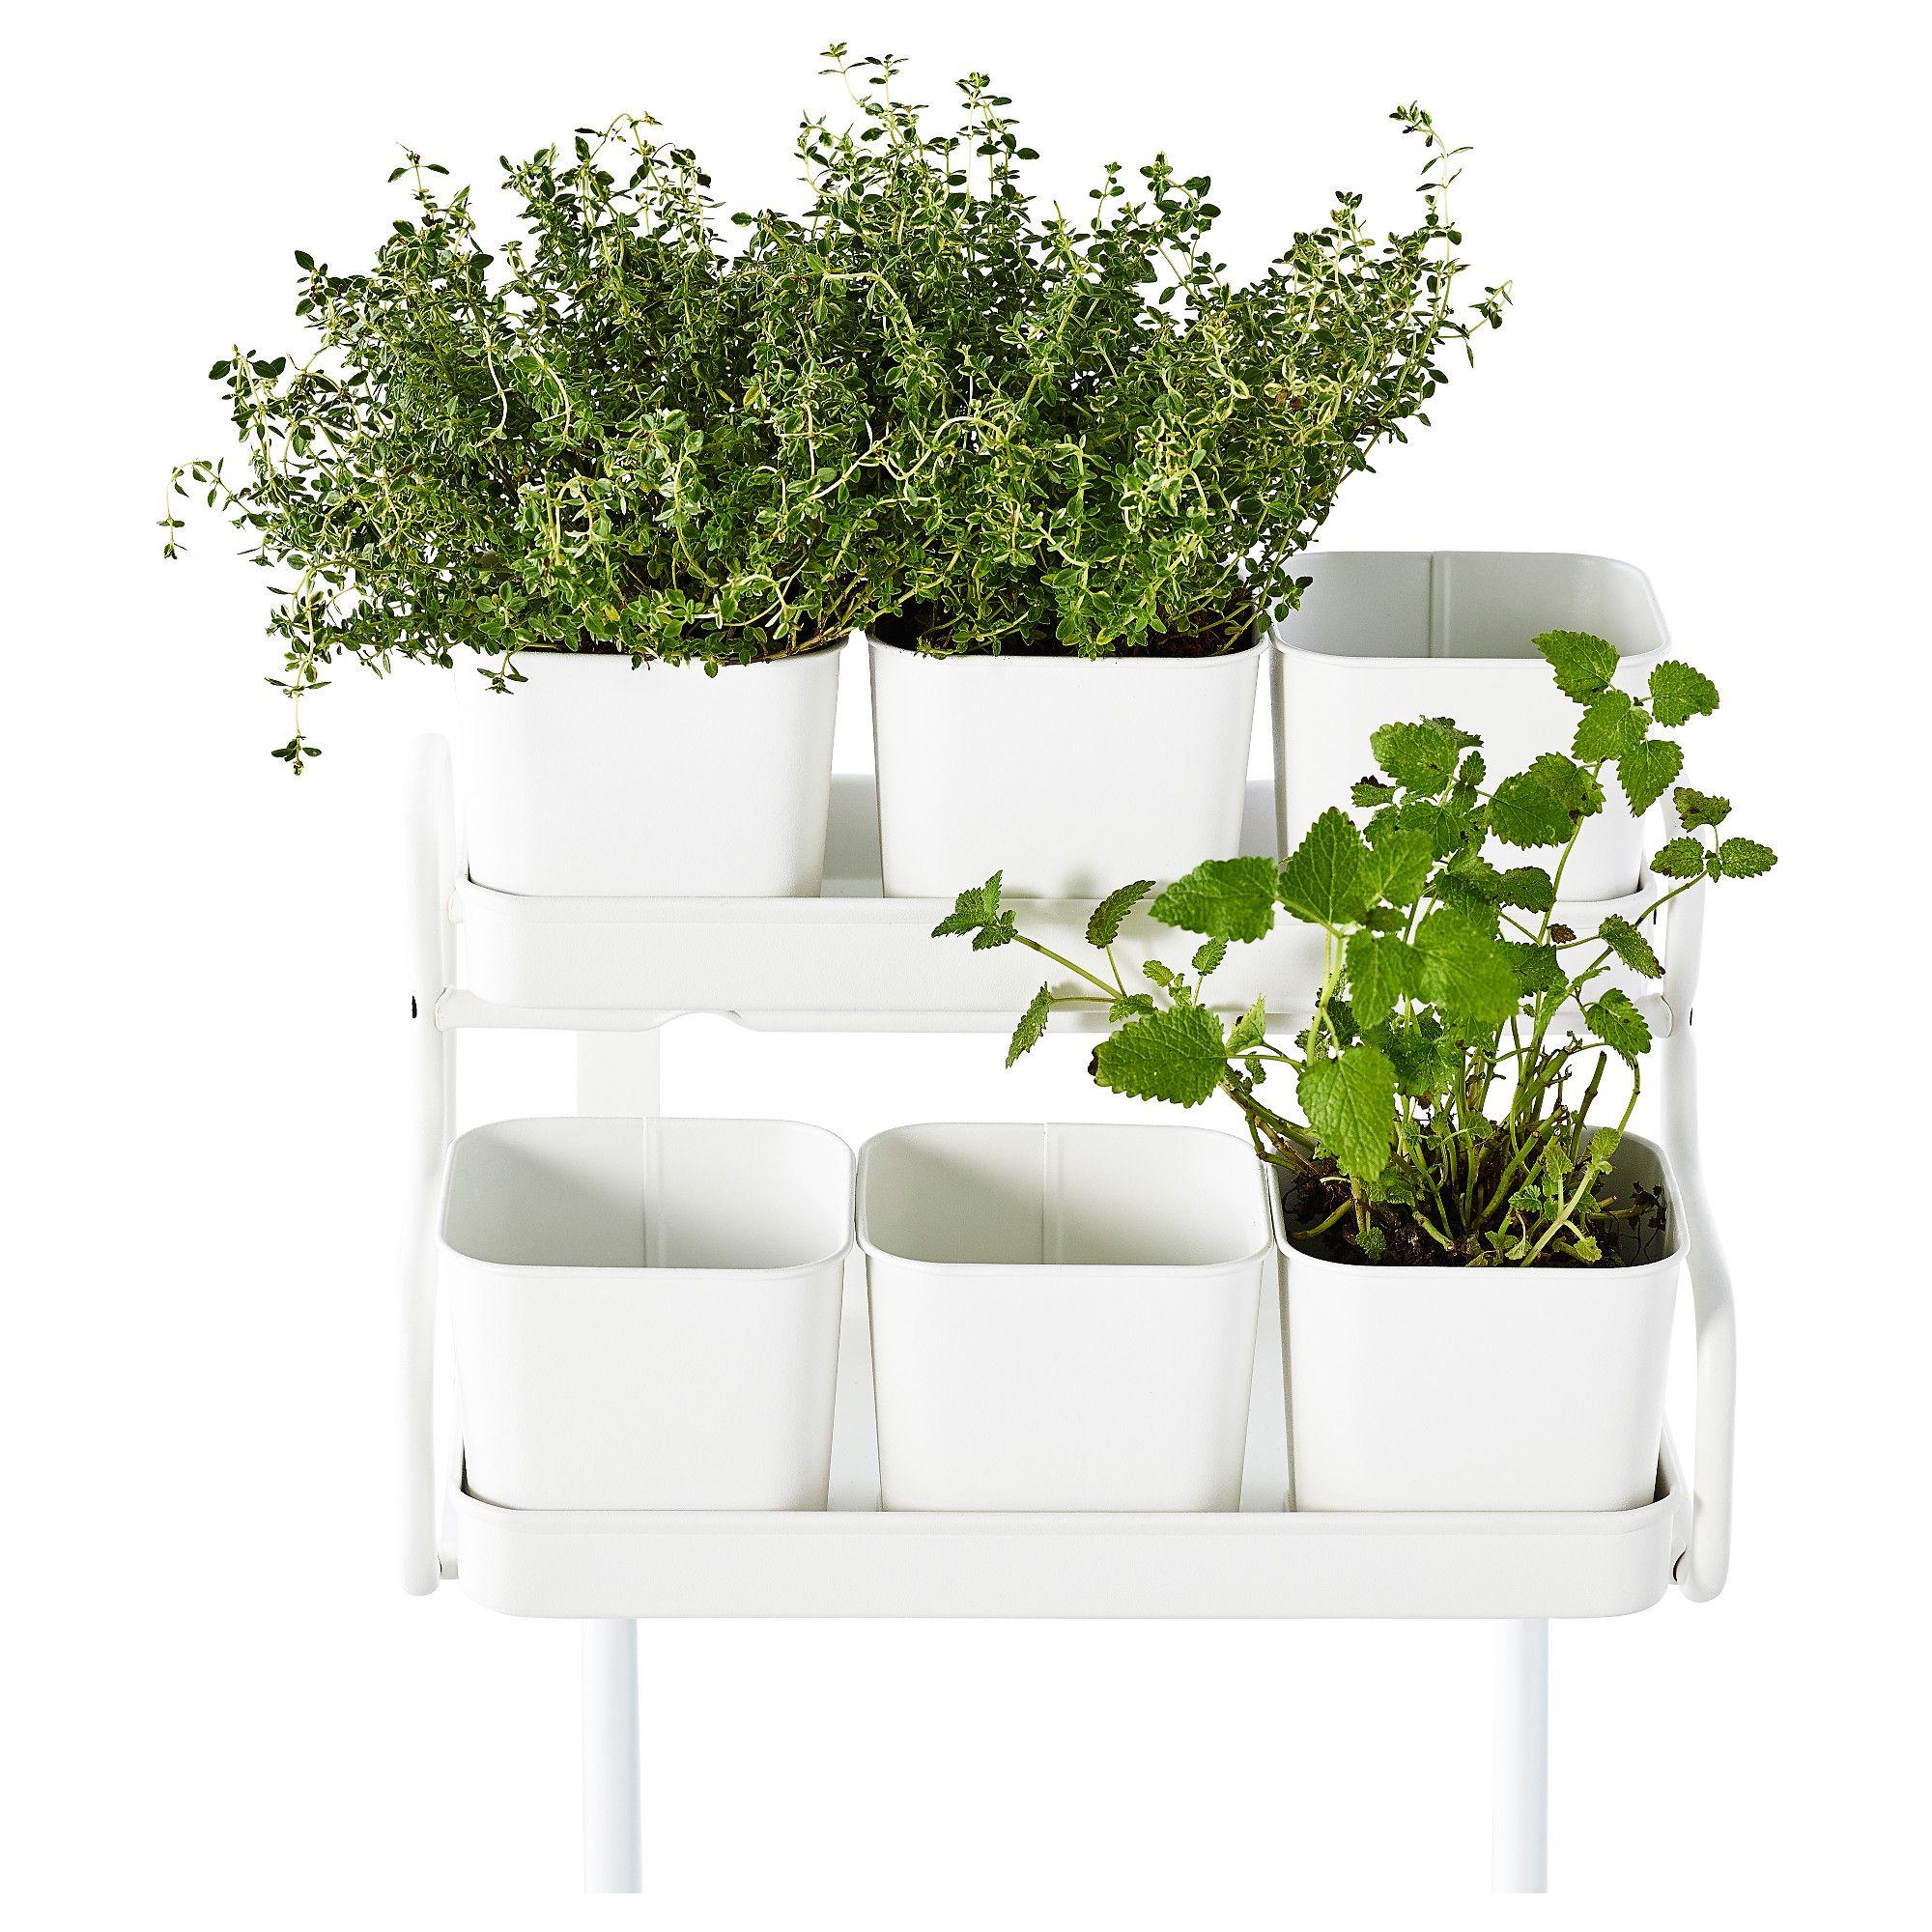 SOCKER Blumentopf mit Halter IKEA HOMEWARE